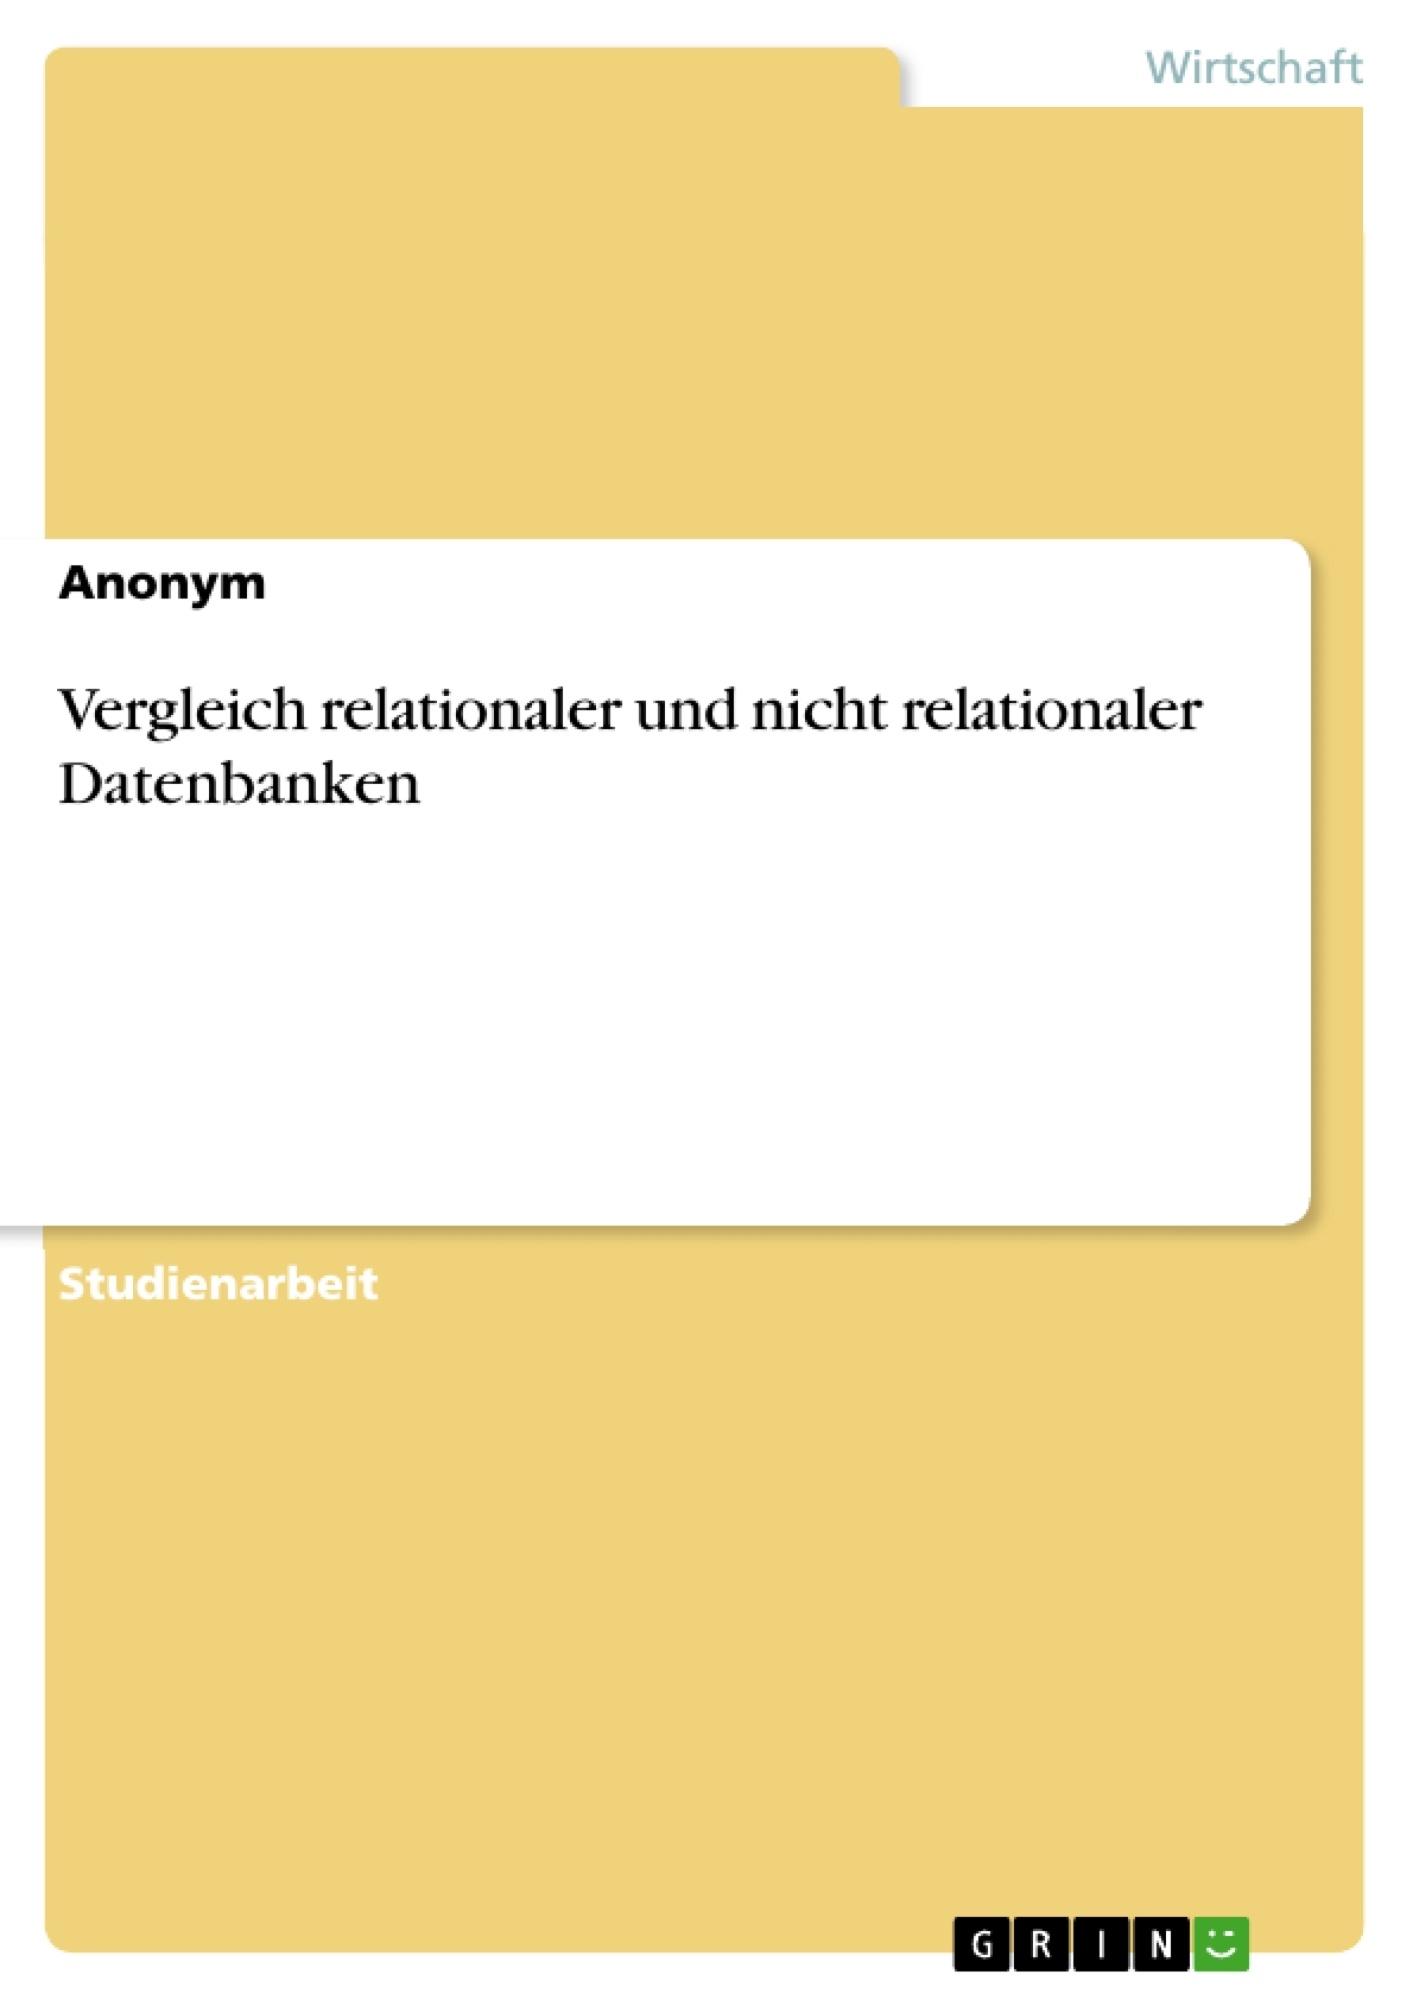 Titel: Vergleich relationaler und nicht relationaler Datenbanken